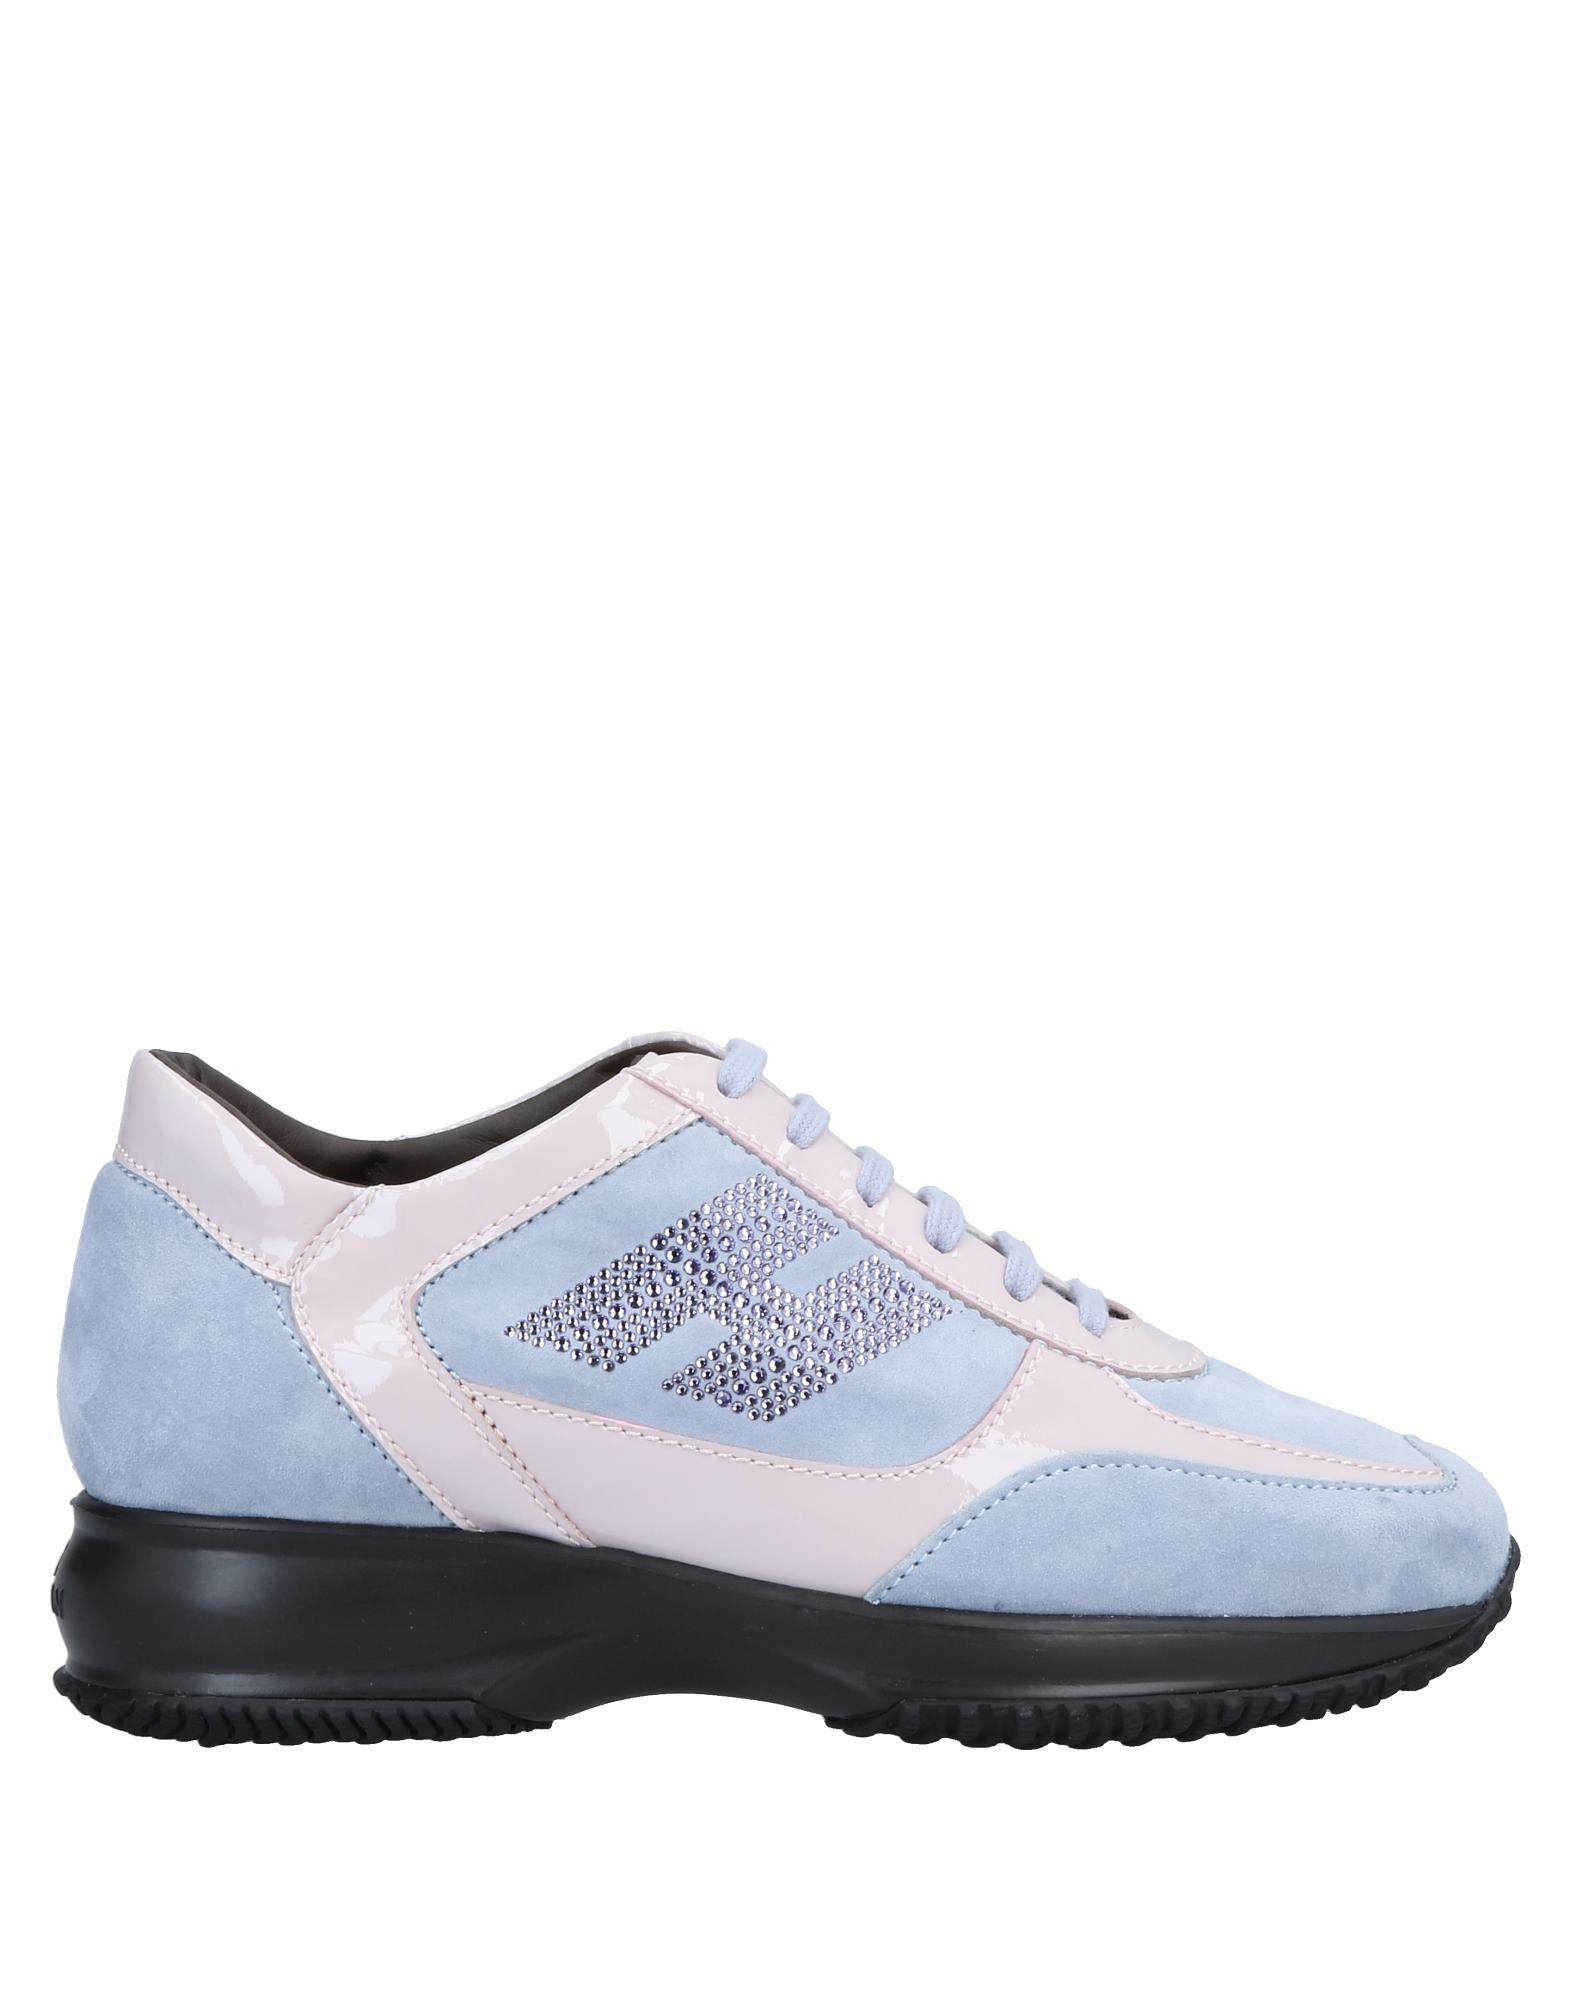 Baskets Hogan Femme - Baskets Hogan Mauve Les chaussures les plus populaires pour les hommes et les femmes